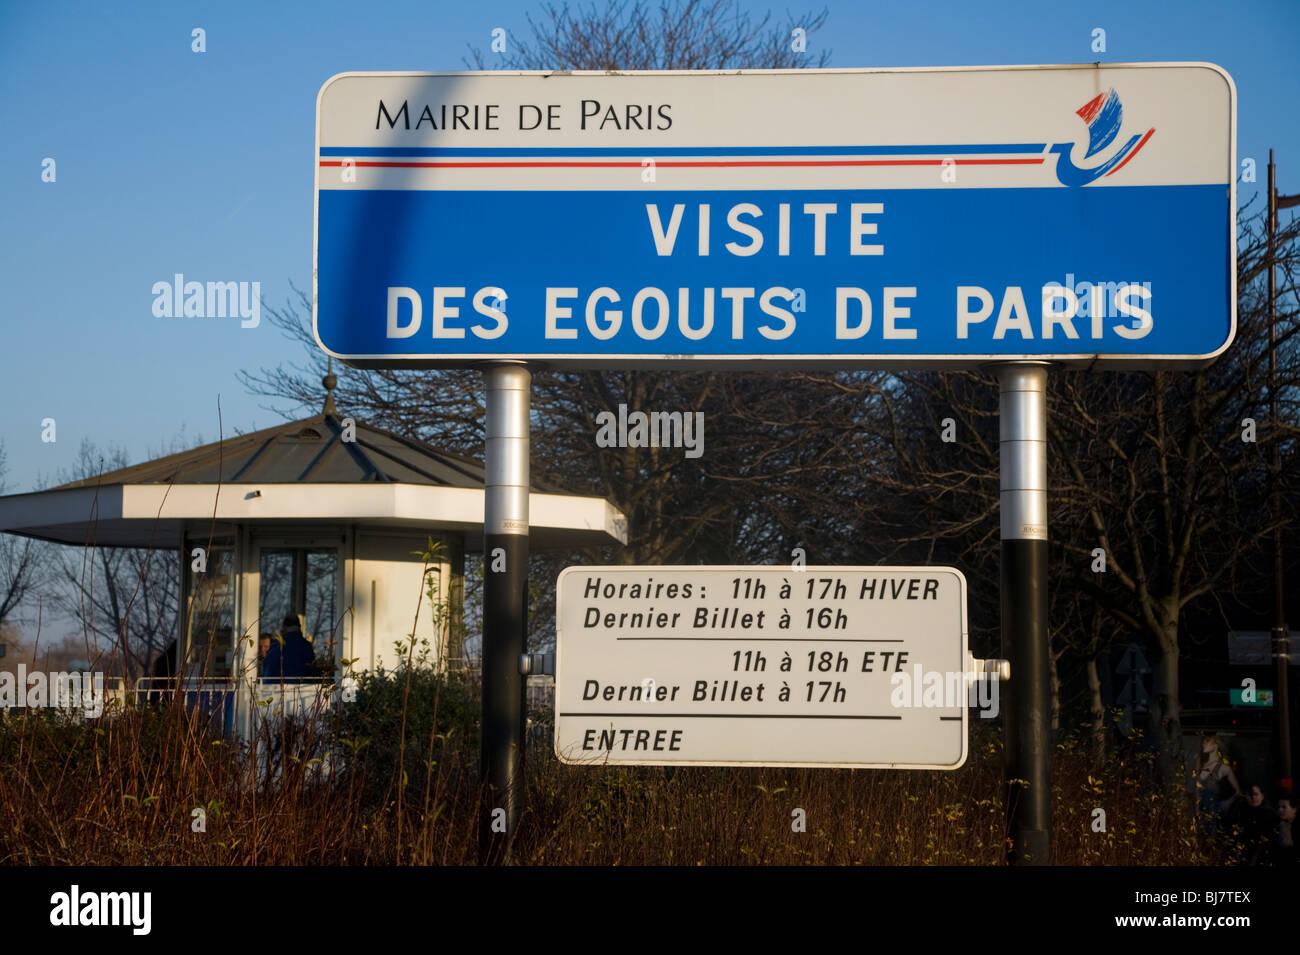 Sign above the entrance of the tourist tour of Paris sewers – Visite Des Egouts De Paris / sewer museum visit in - Stock Image